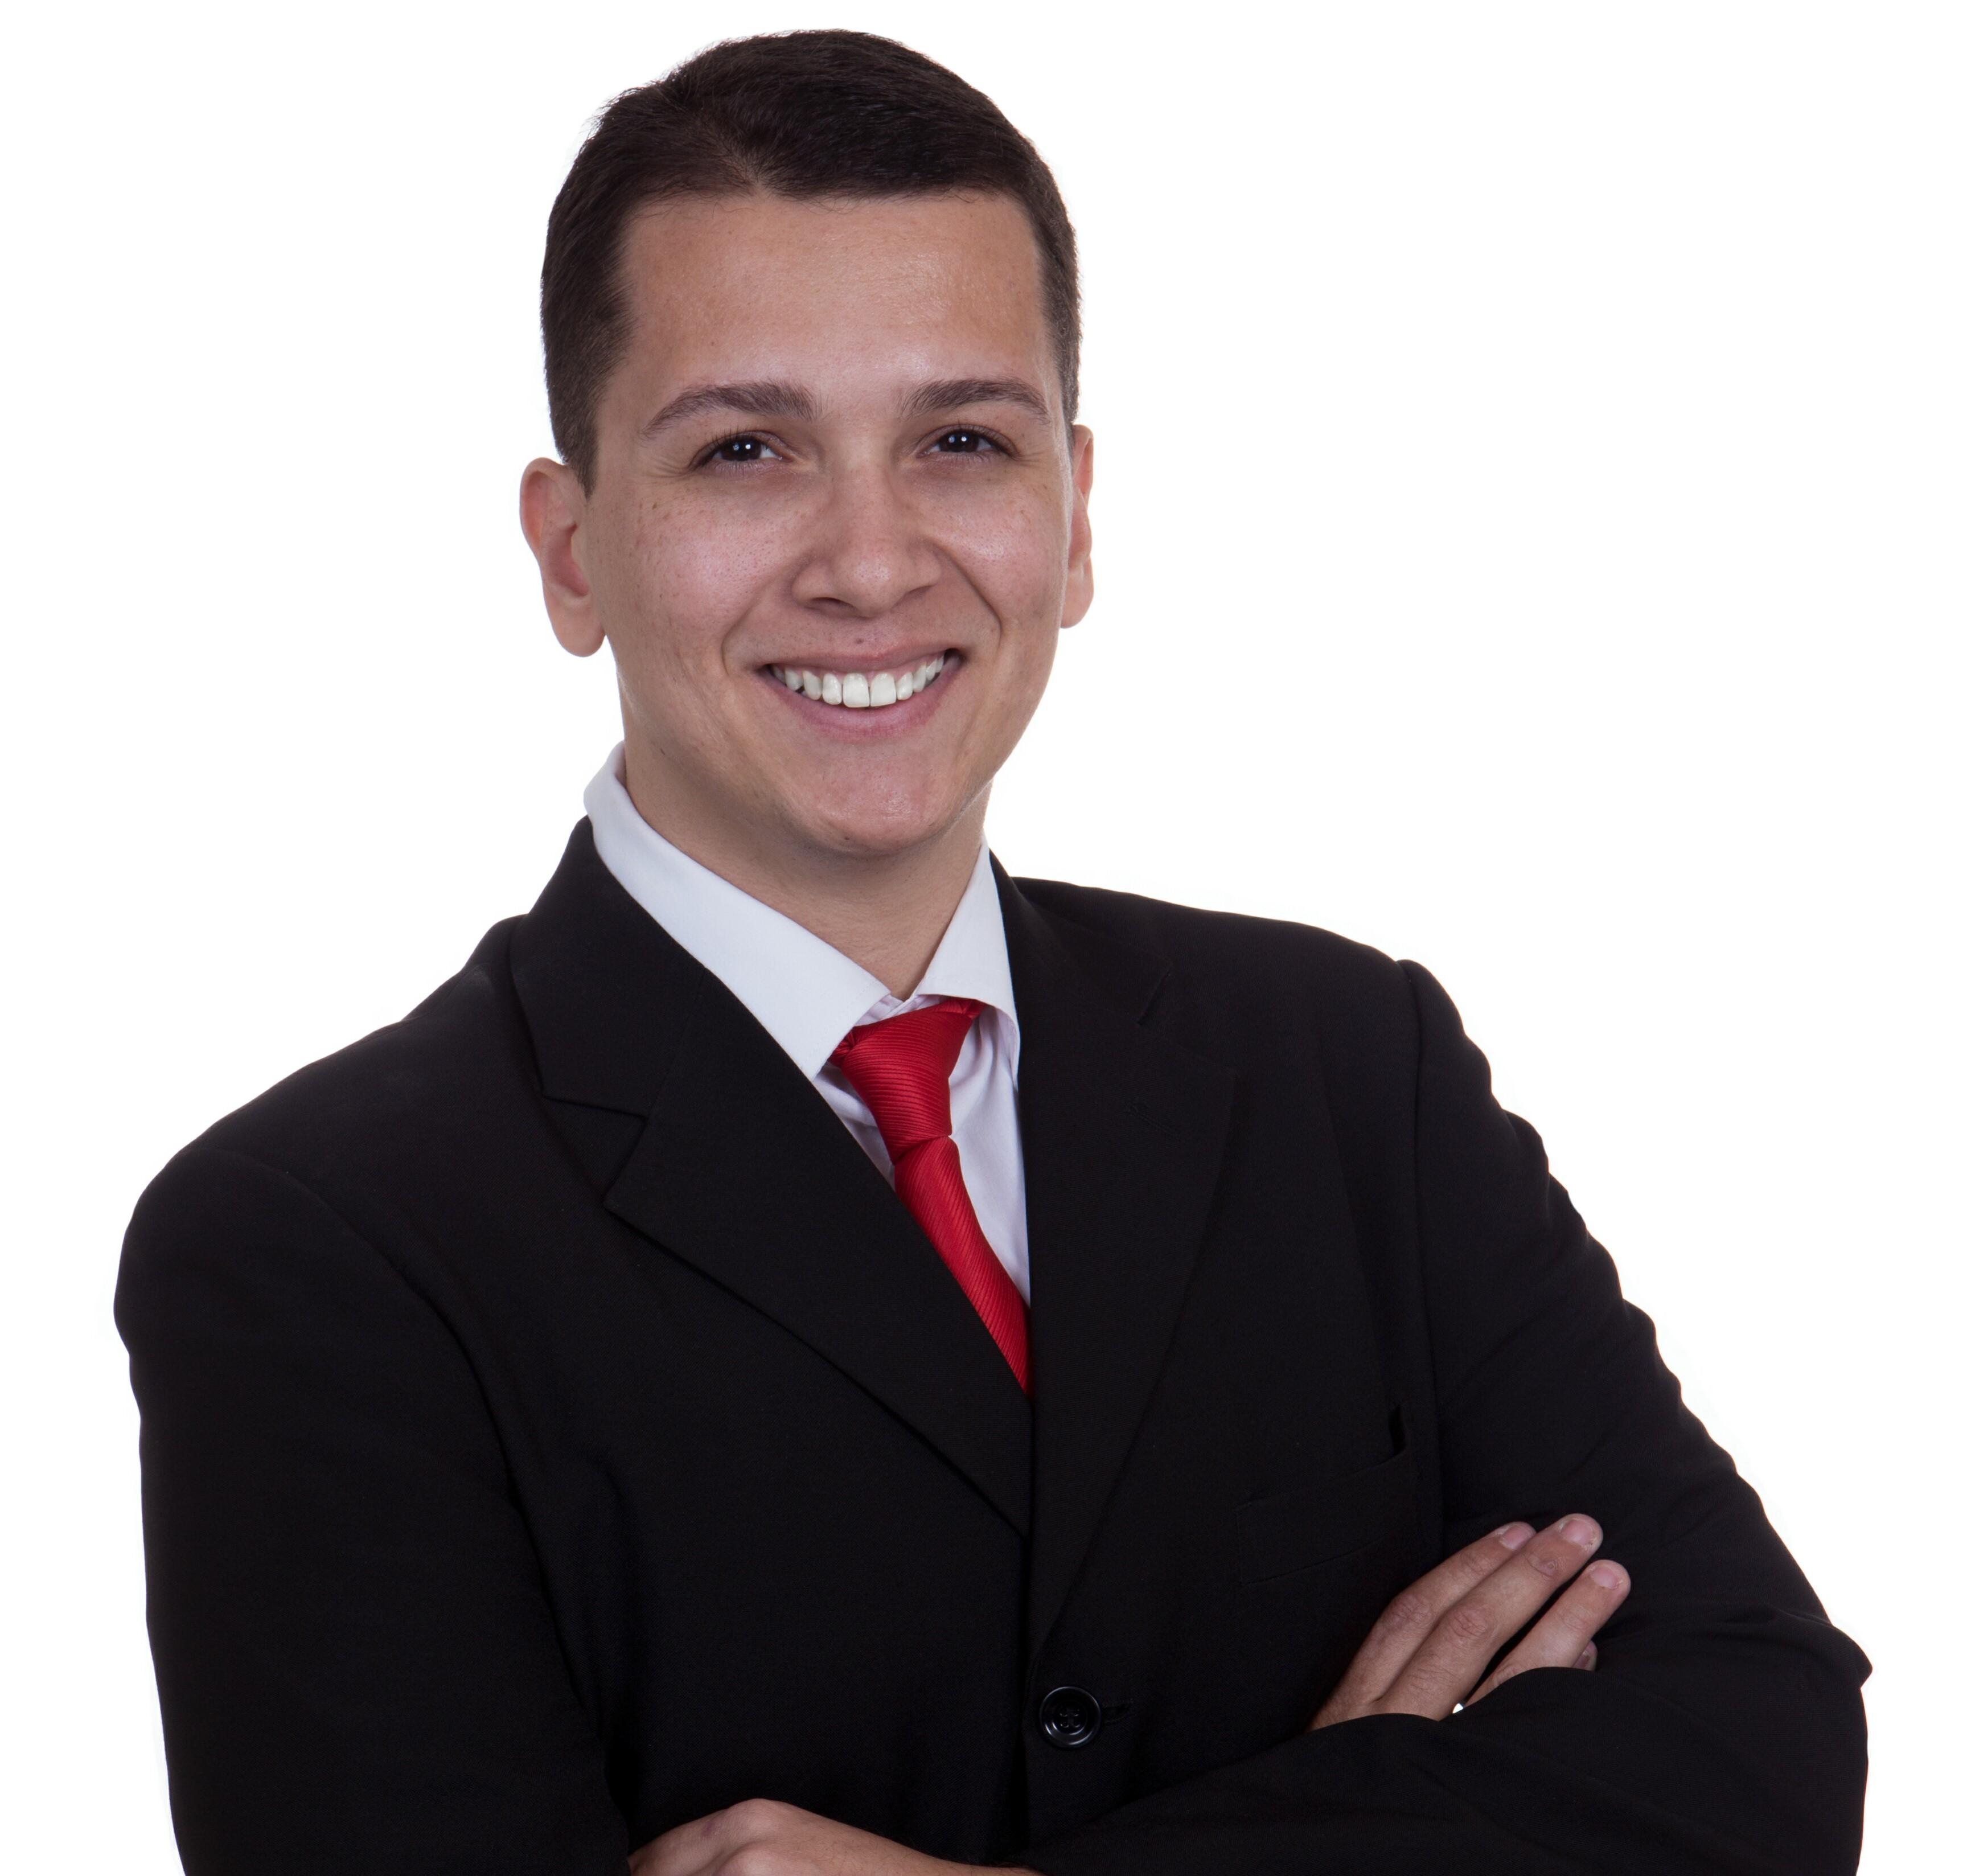 ENTREVISTA: Brenno Freire - Aprovado no concurso MPU em 2º lugar para Rondônia no cargo de Analista Processual